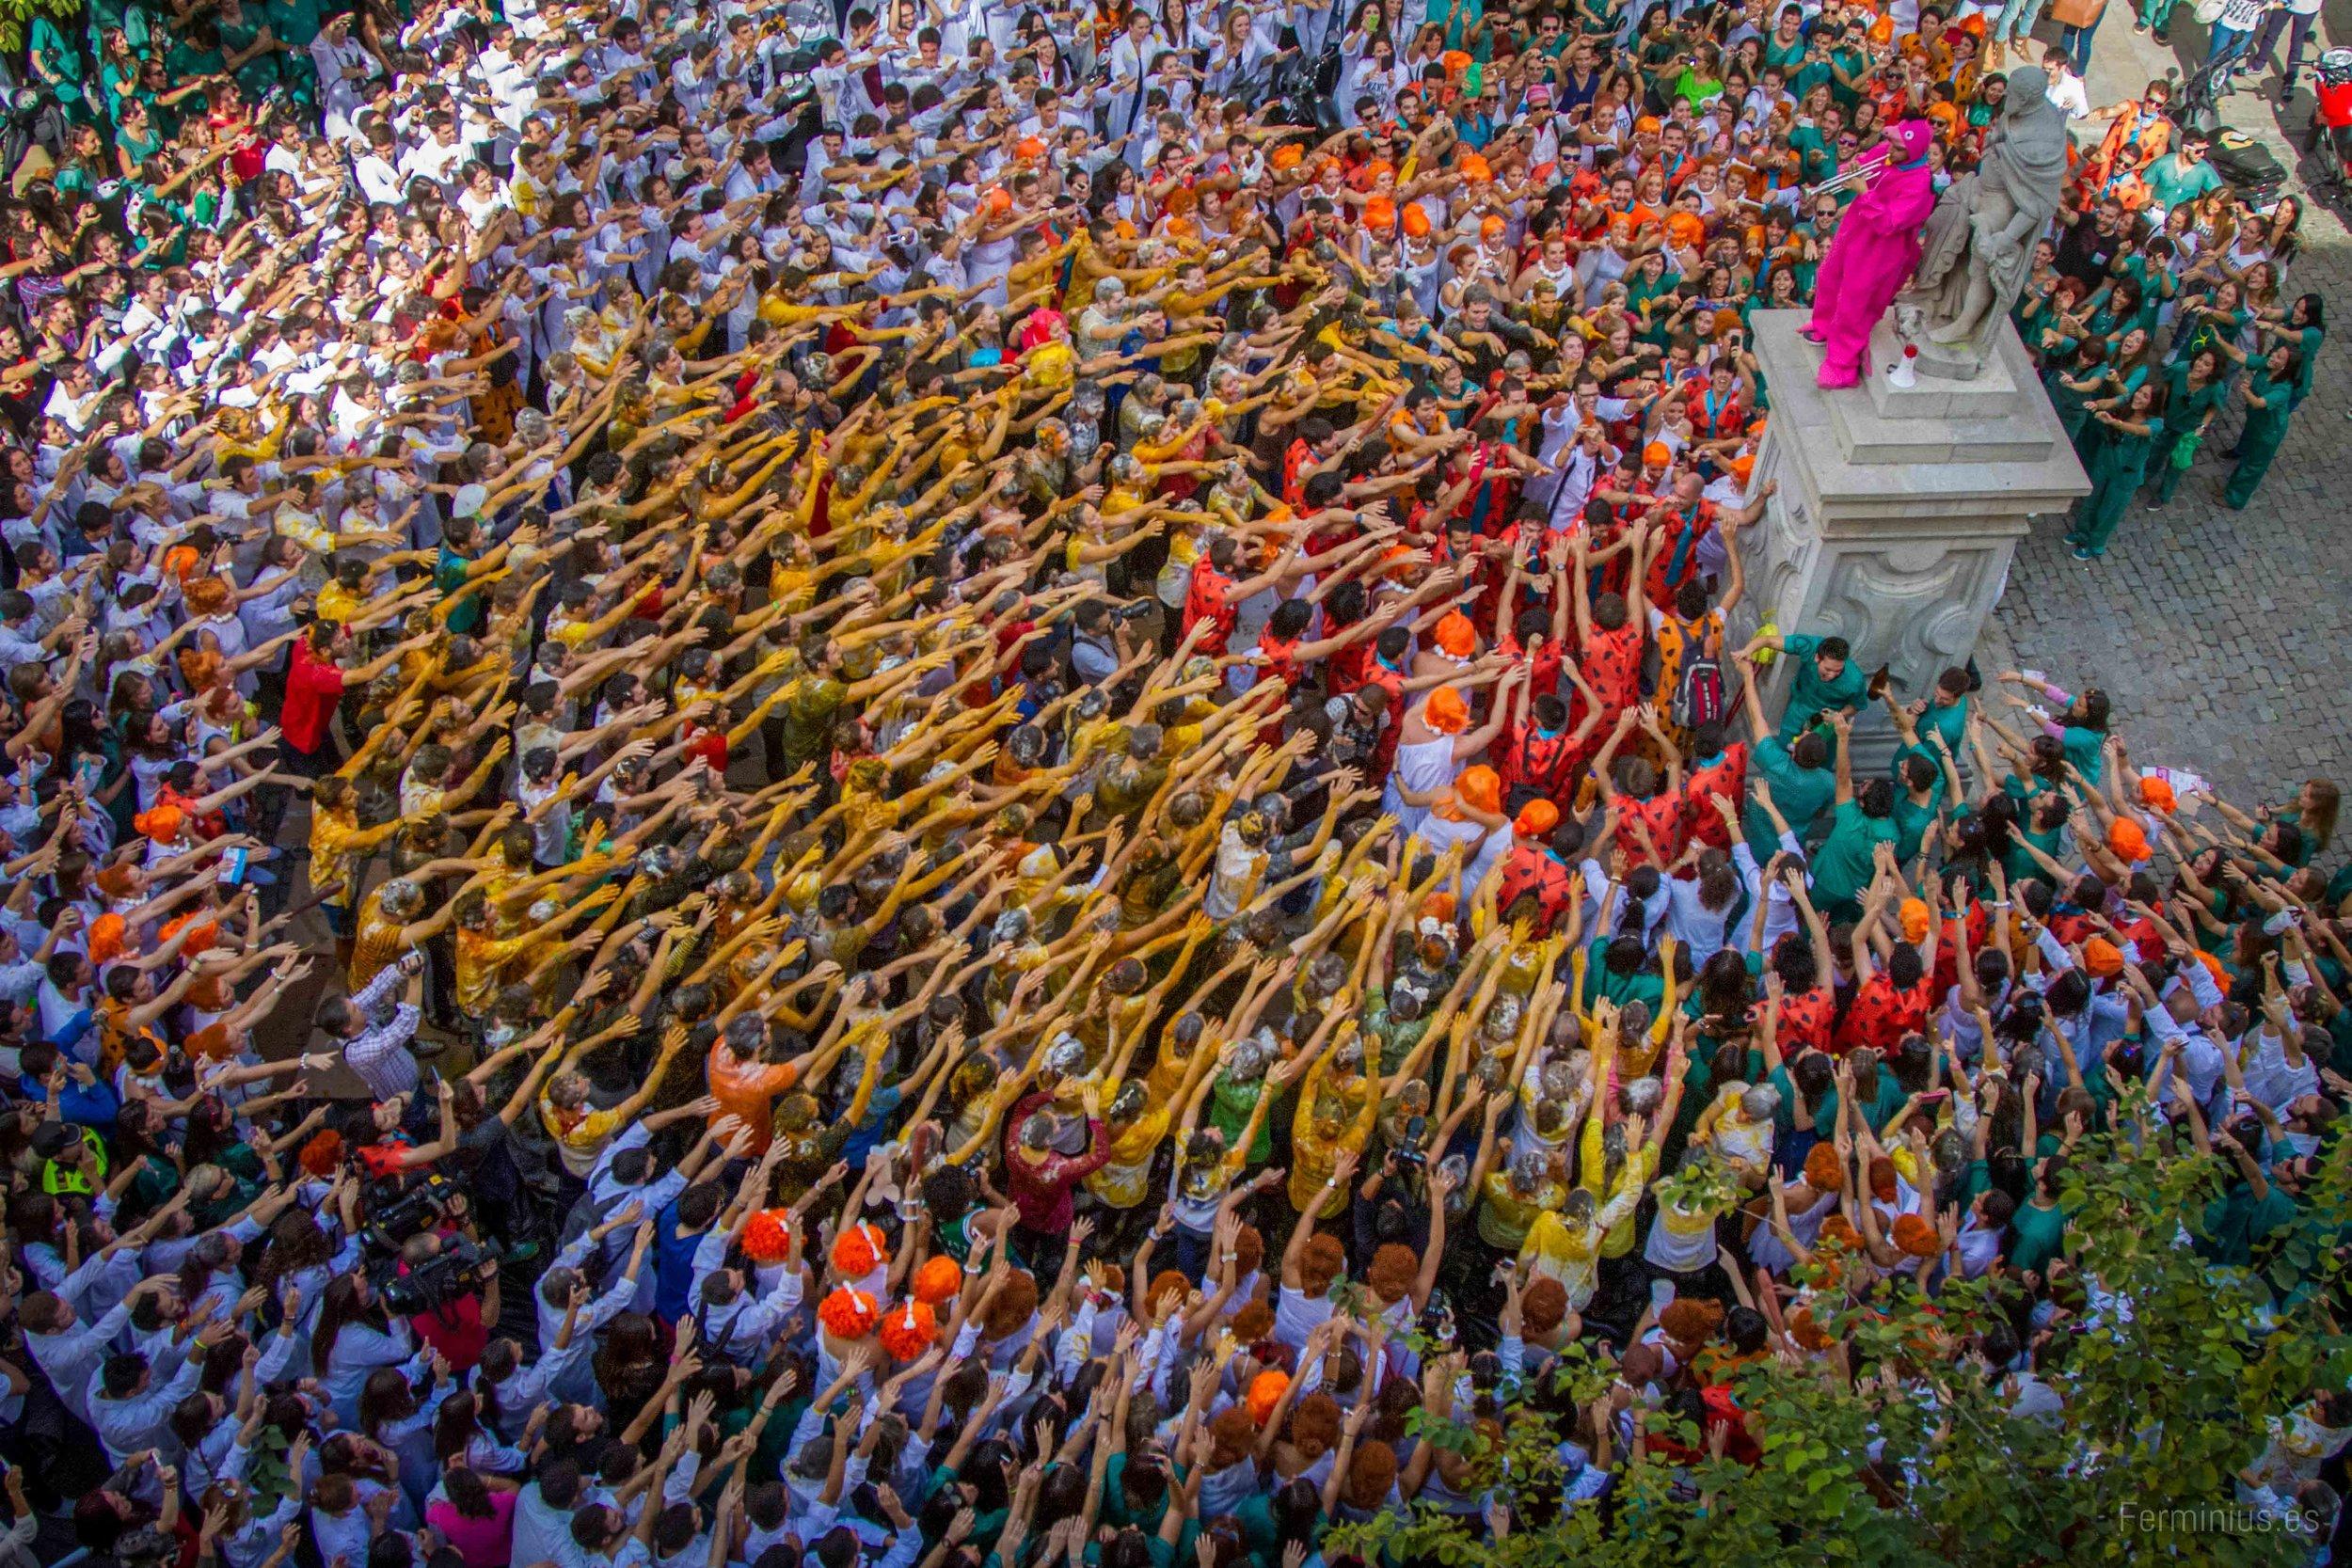 17/10/13 - Estudiantes de la Facultad de Medicina celebran la fiesta de San Lucas, su patrón, en la Plaza de la Universidad de Granada